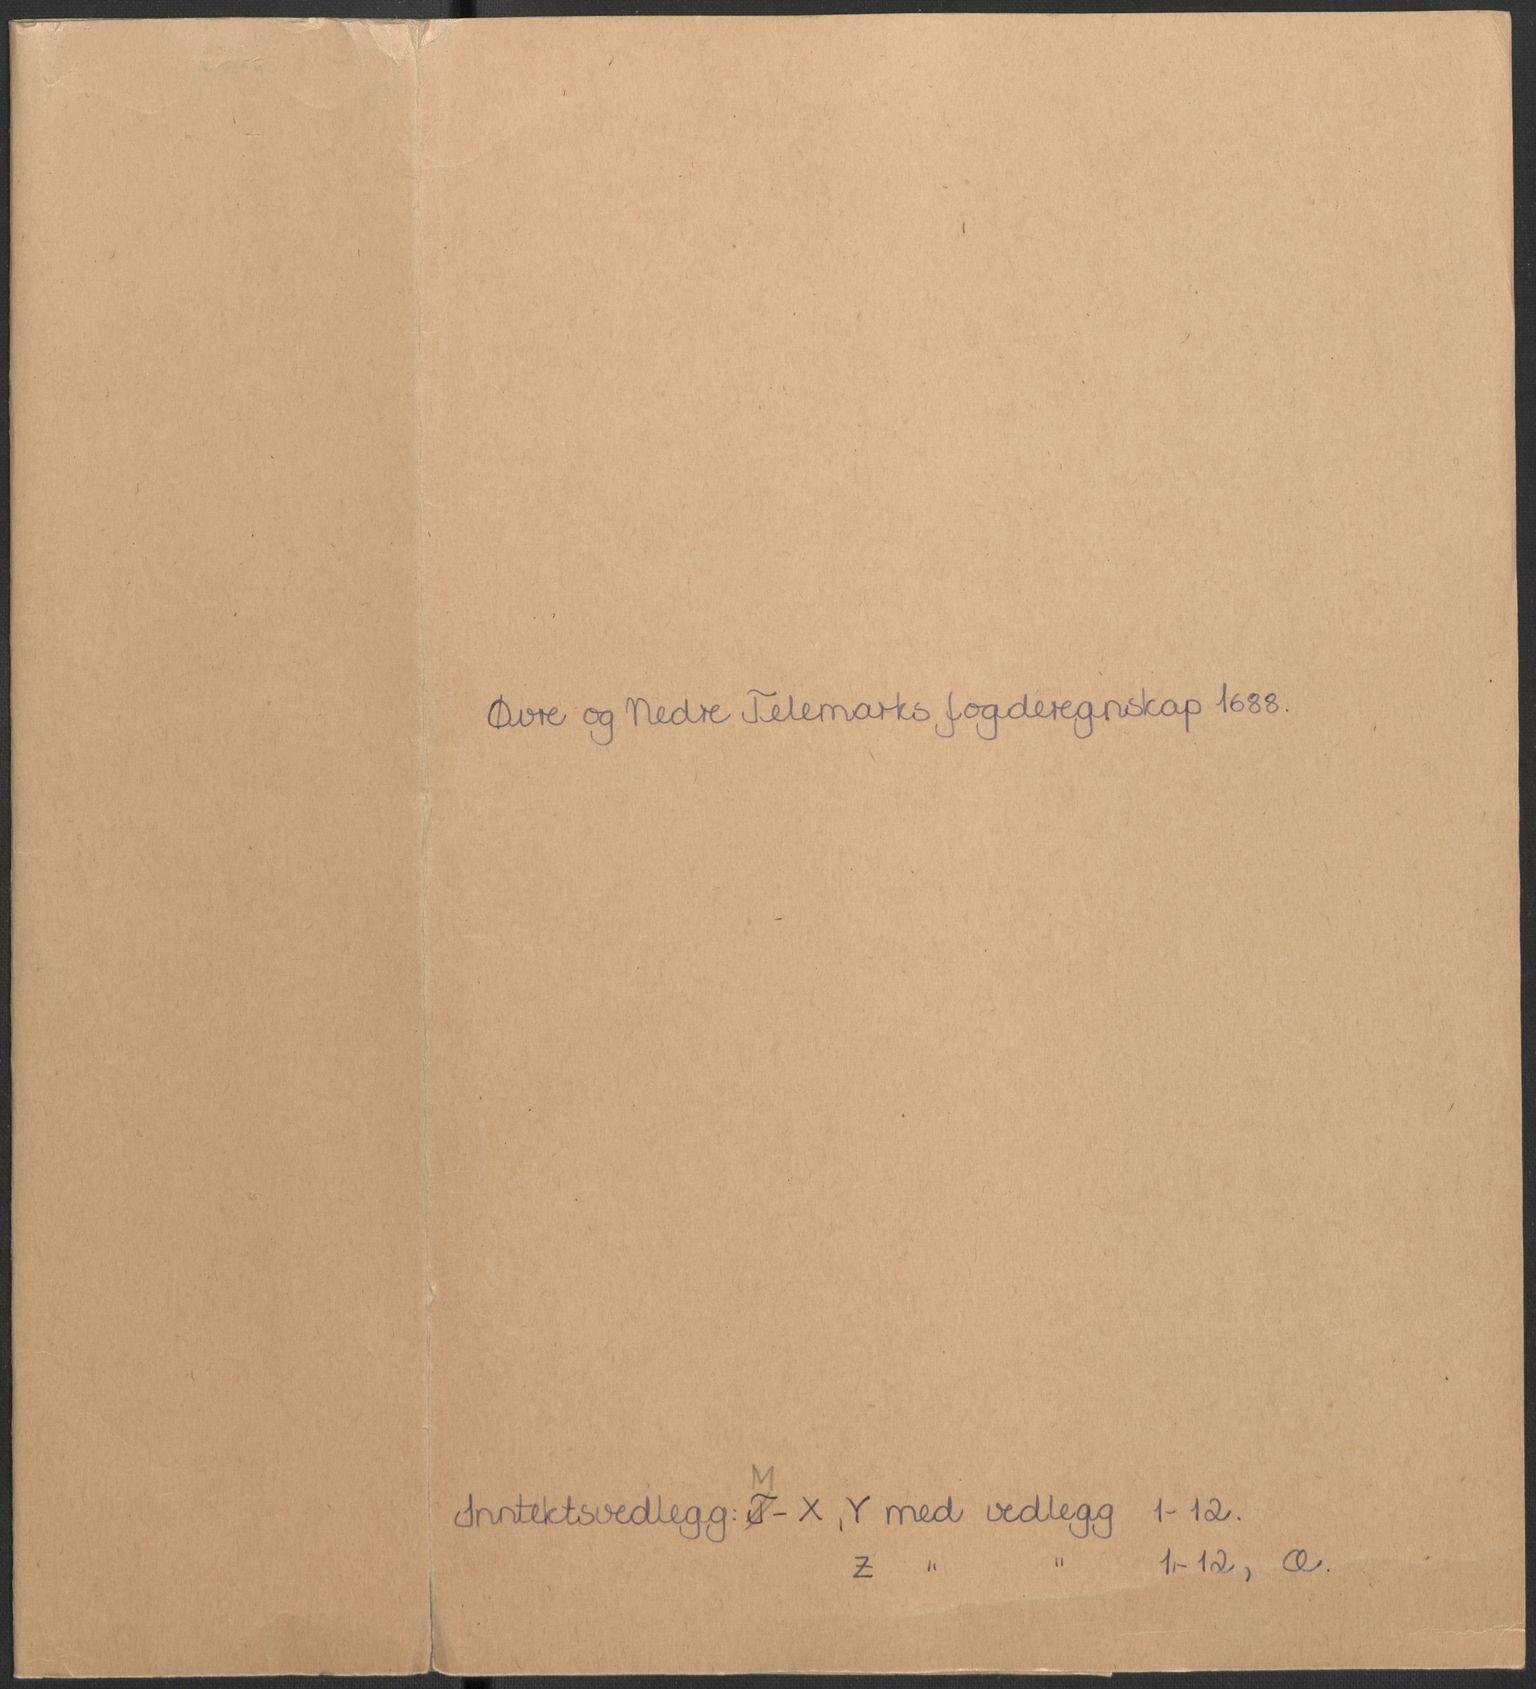 RA, Rentekammeret inntil 1814, Reviderte regnskaper, Fogderegnskap, R35/L2087: Fogderegnskap Øvre og Nedre Telemark, 1687-1689, s. 2